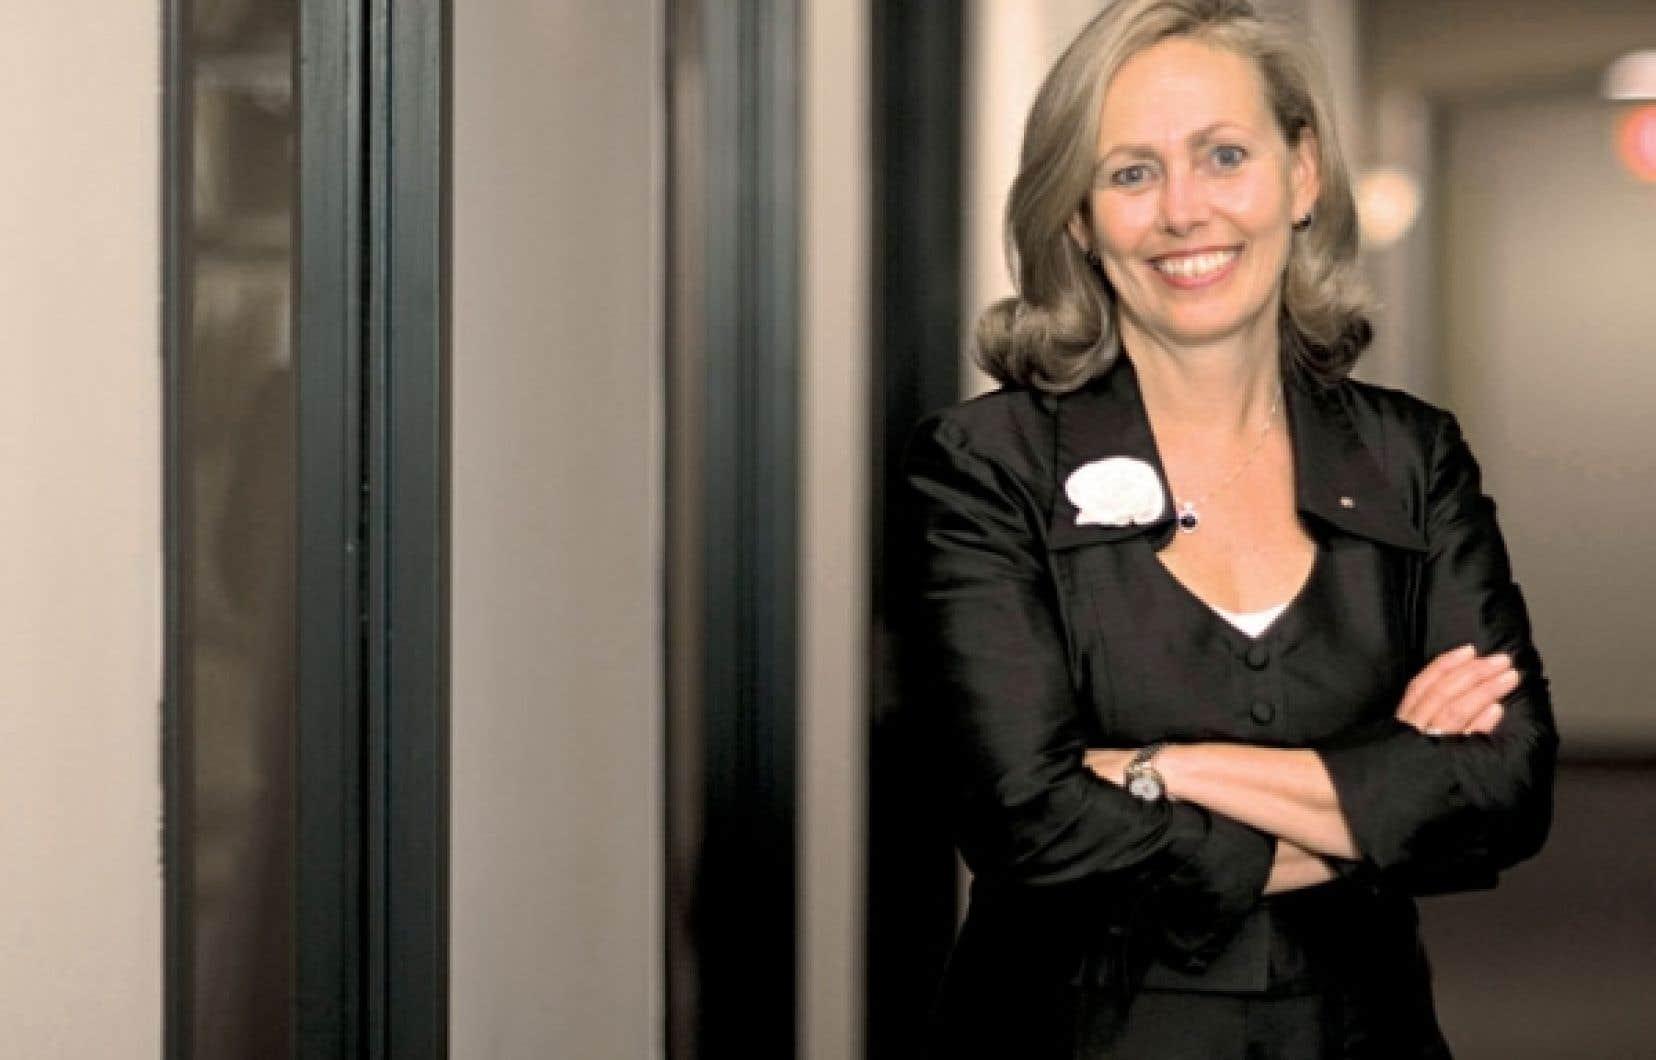 La présidente et chef de la direction du Mouvement Desjardins, Monique Leroux, est l'hôtesse du Sommet international des coopératives, qui s'ouvre le 8 octobre prochain, à Québec.